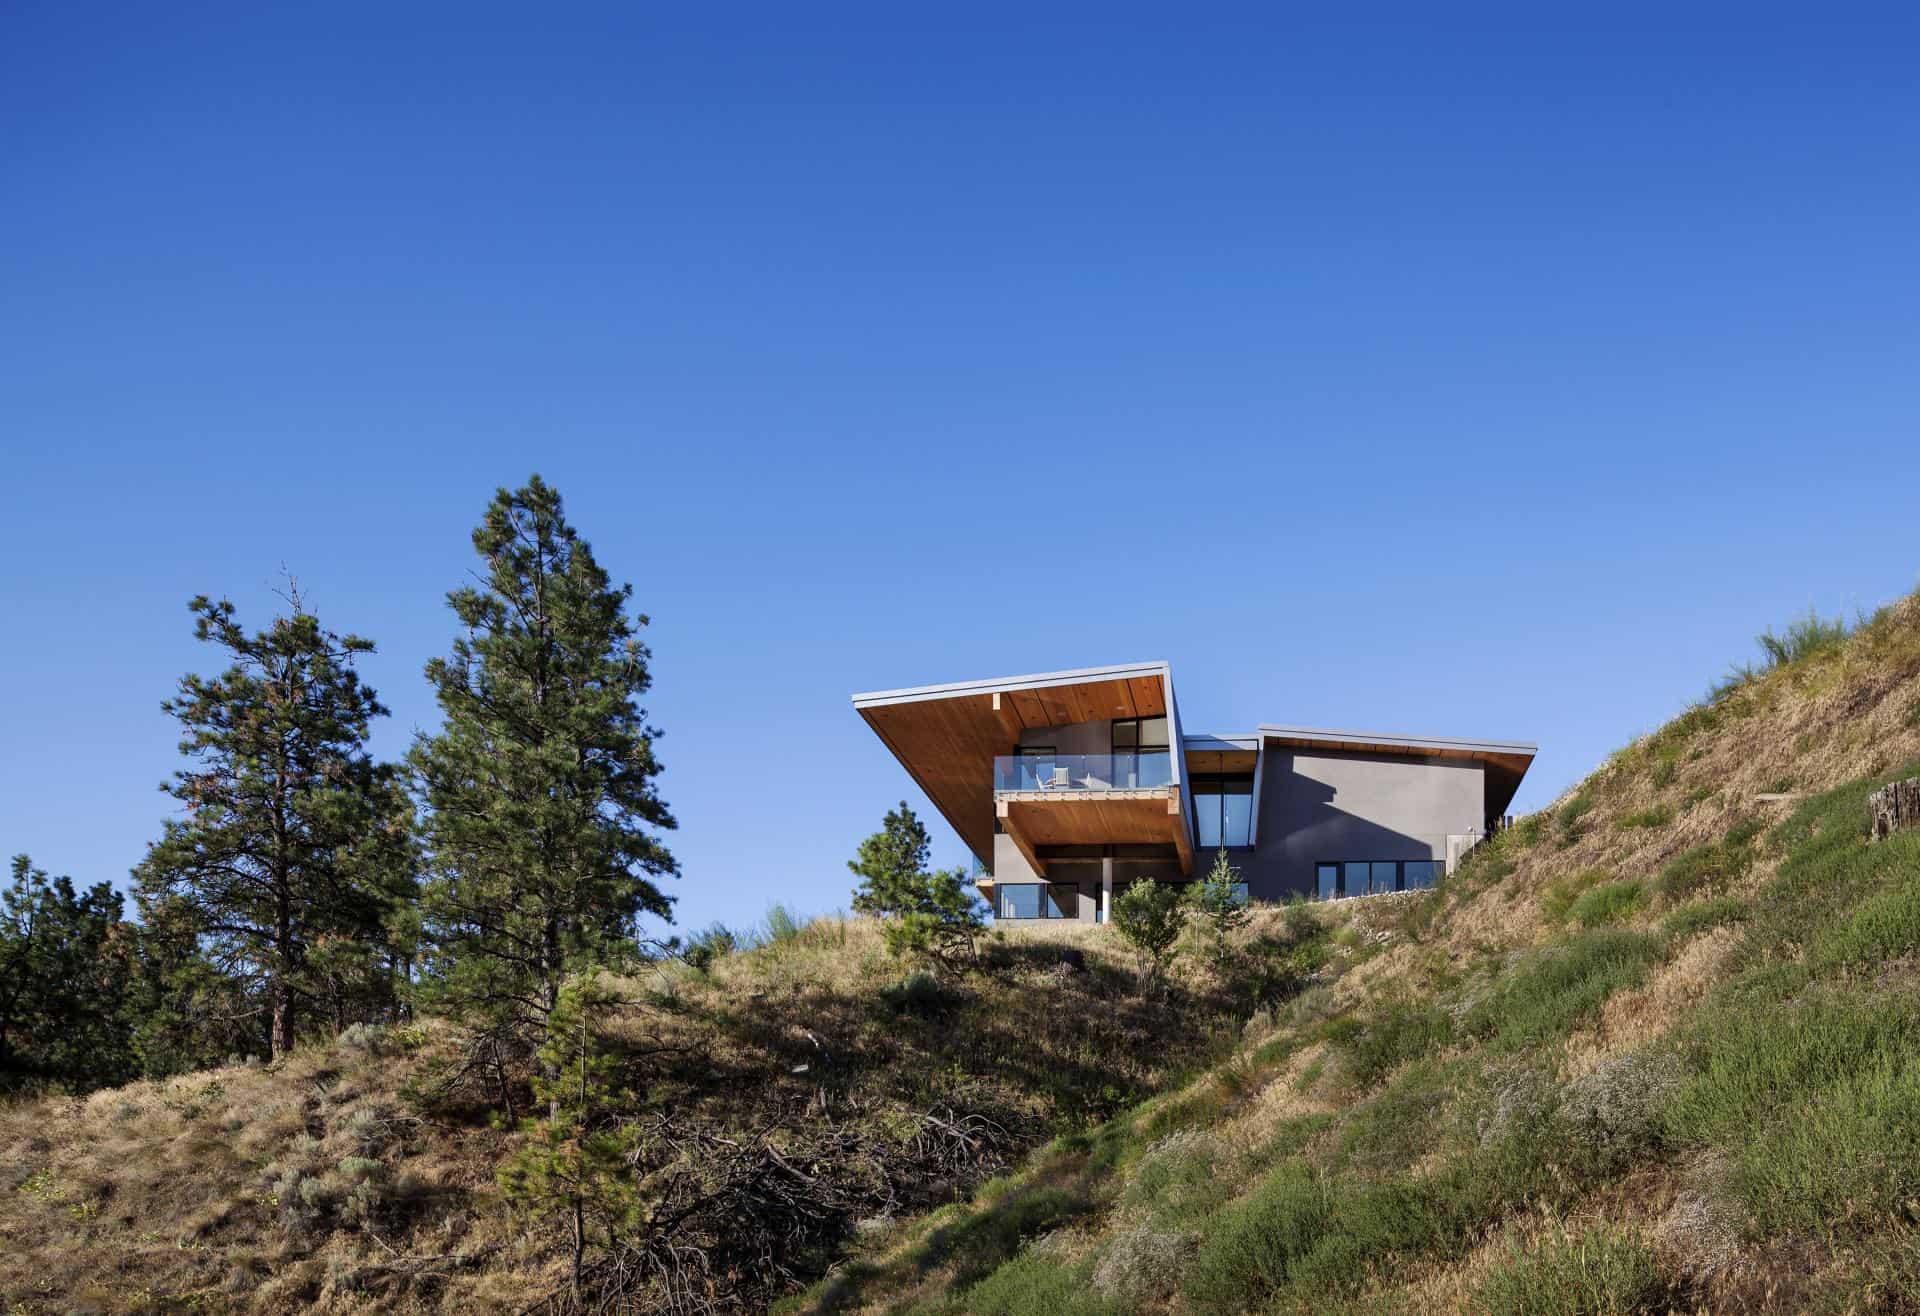 hillside house plans homes story house plans hillside home plans designs house design ideas